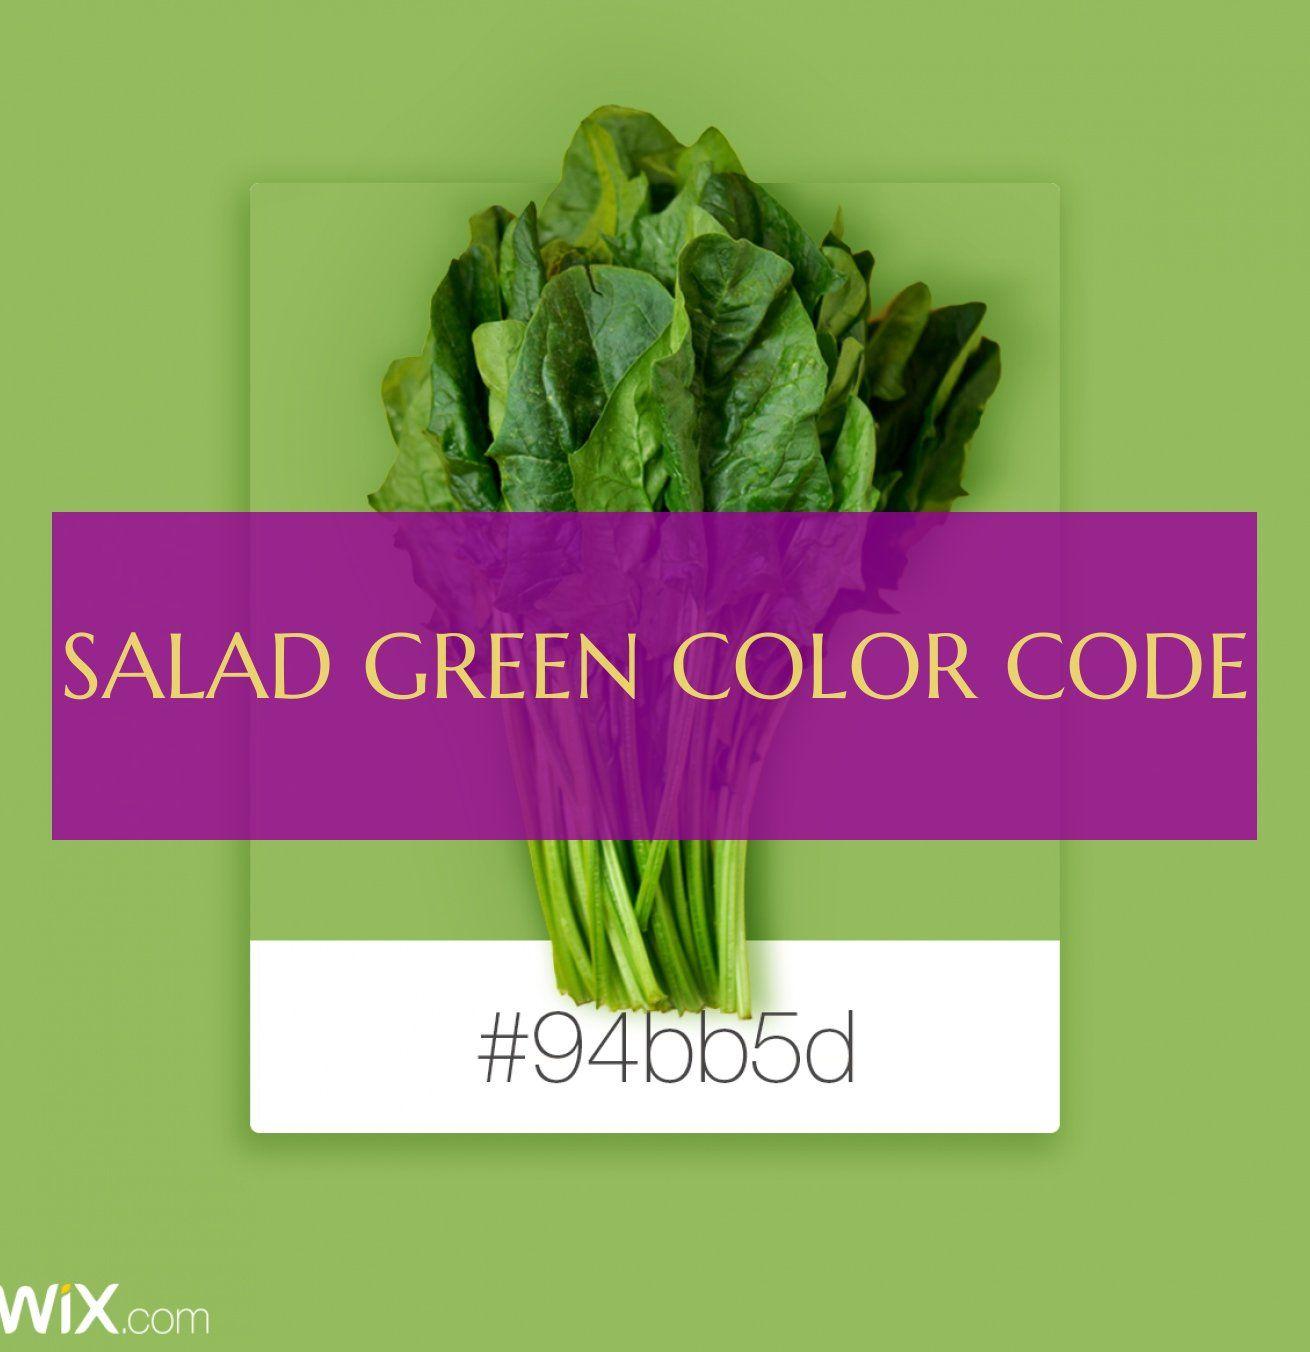 Salat Salad Green Color Code Salat Grun Farbcode With Images